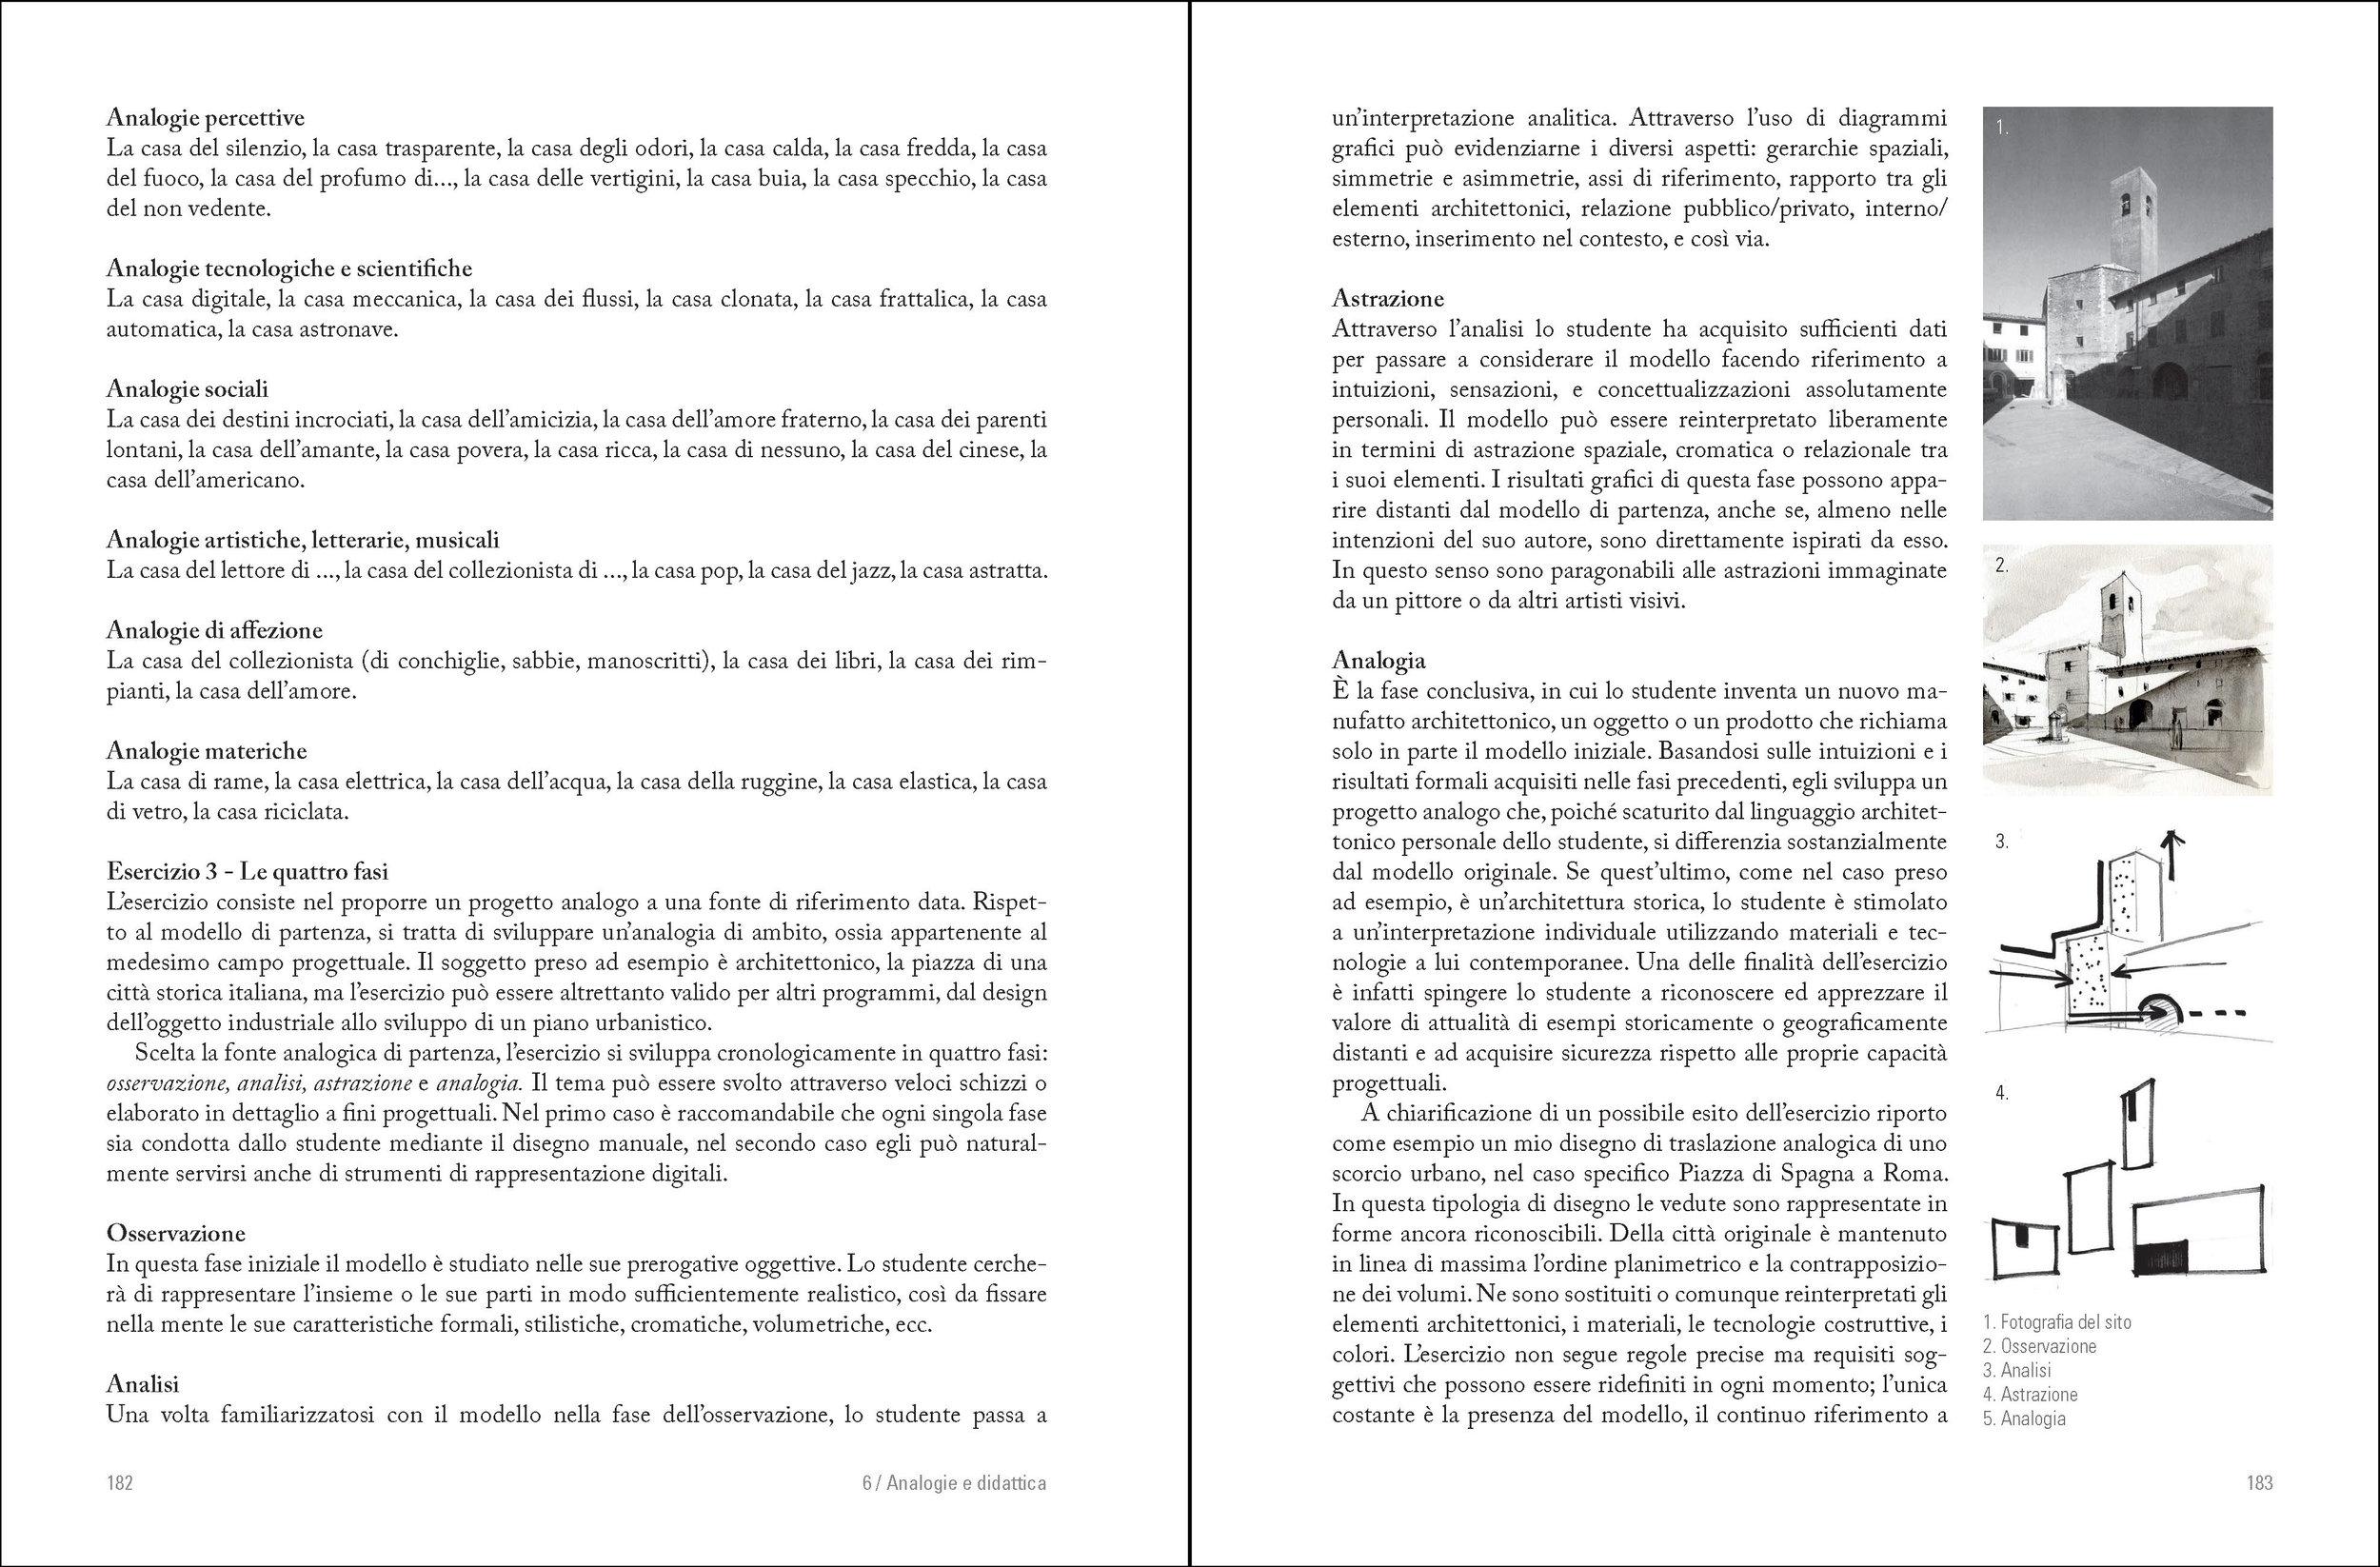 L'Architettura dell'Analogia_SPREADS_10.jpg